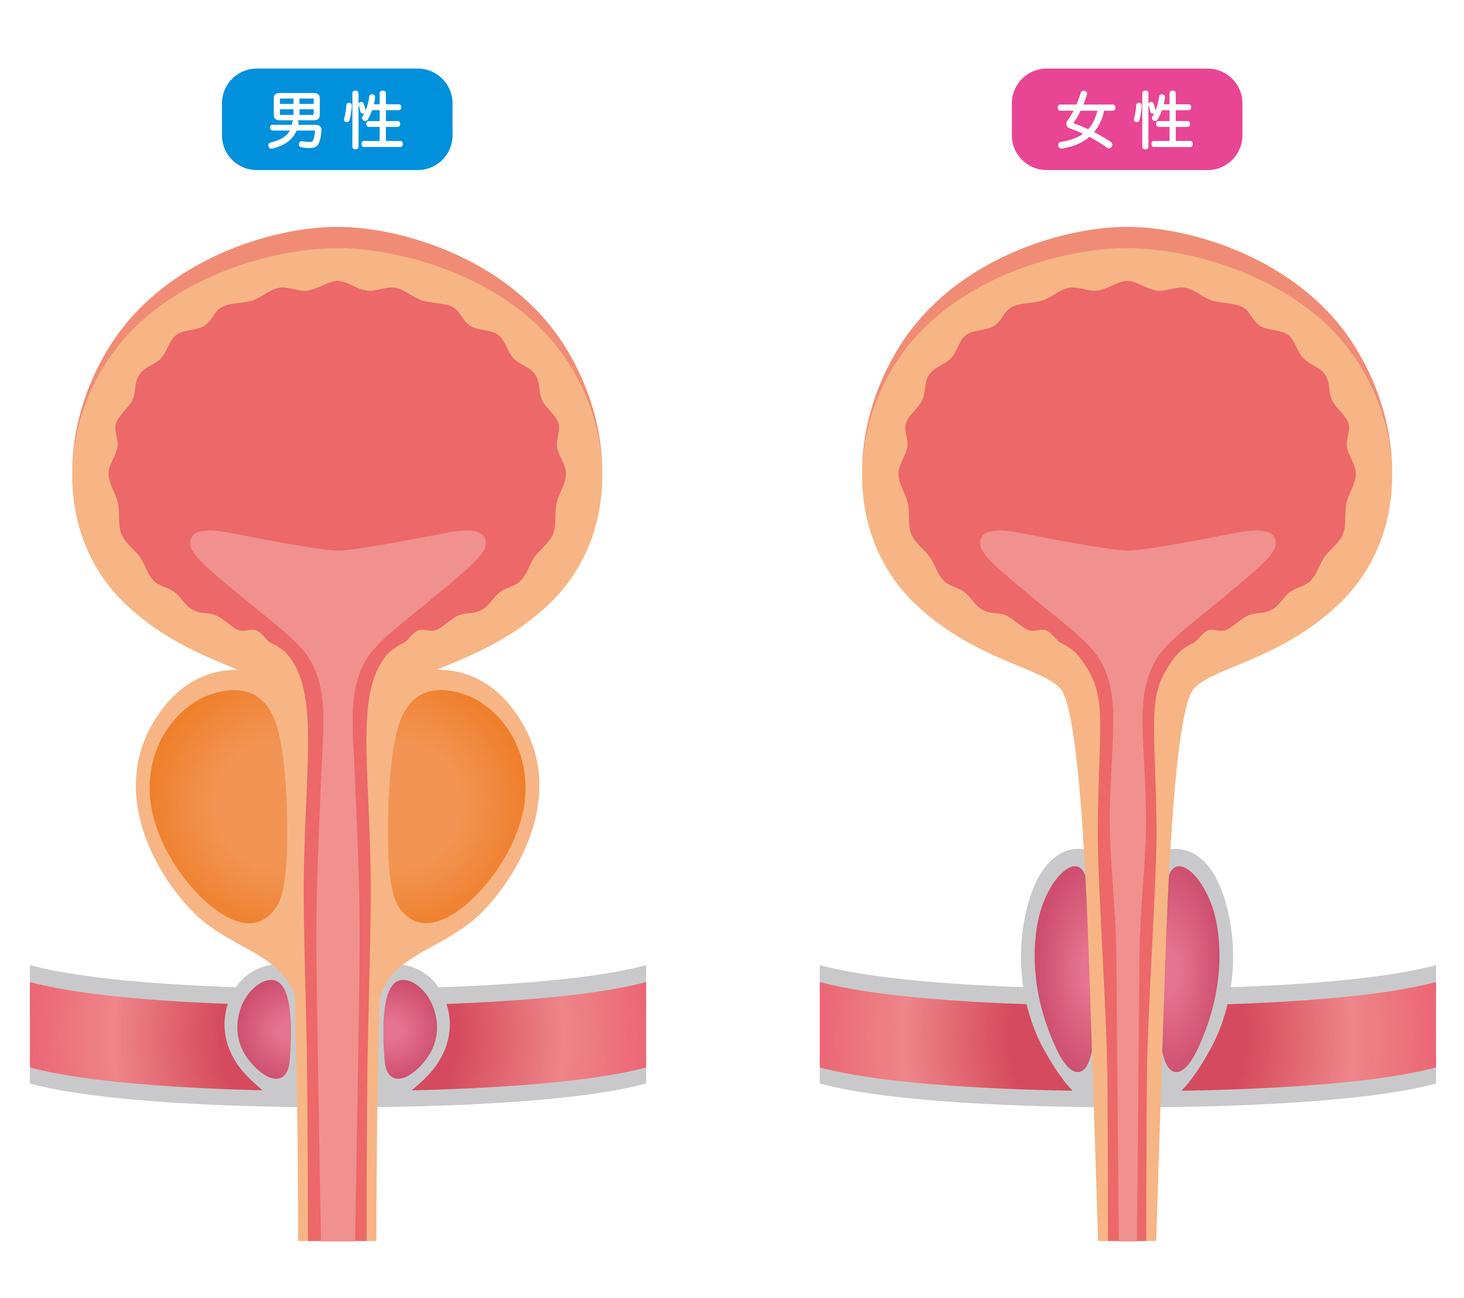 それ、ただの膀胱炎じゃなくて、間質性膀胱炎かも?